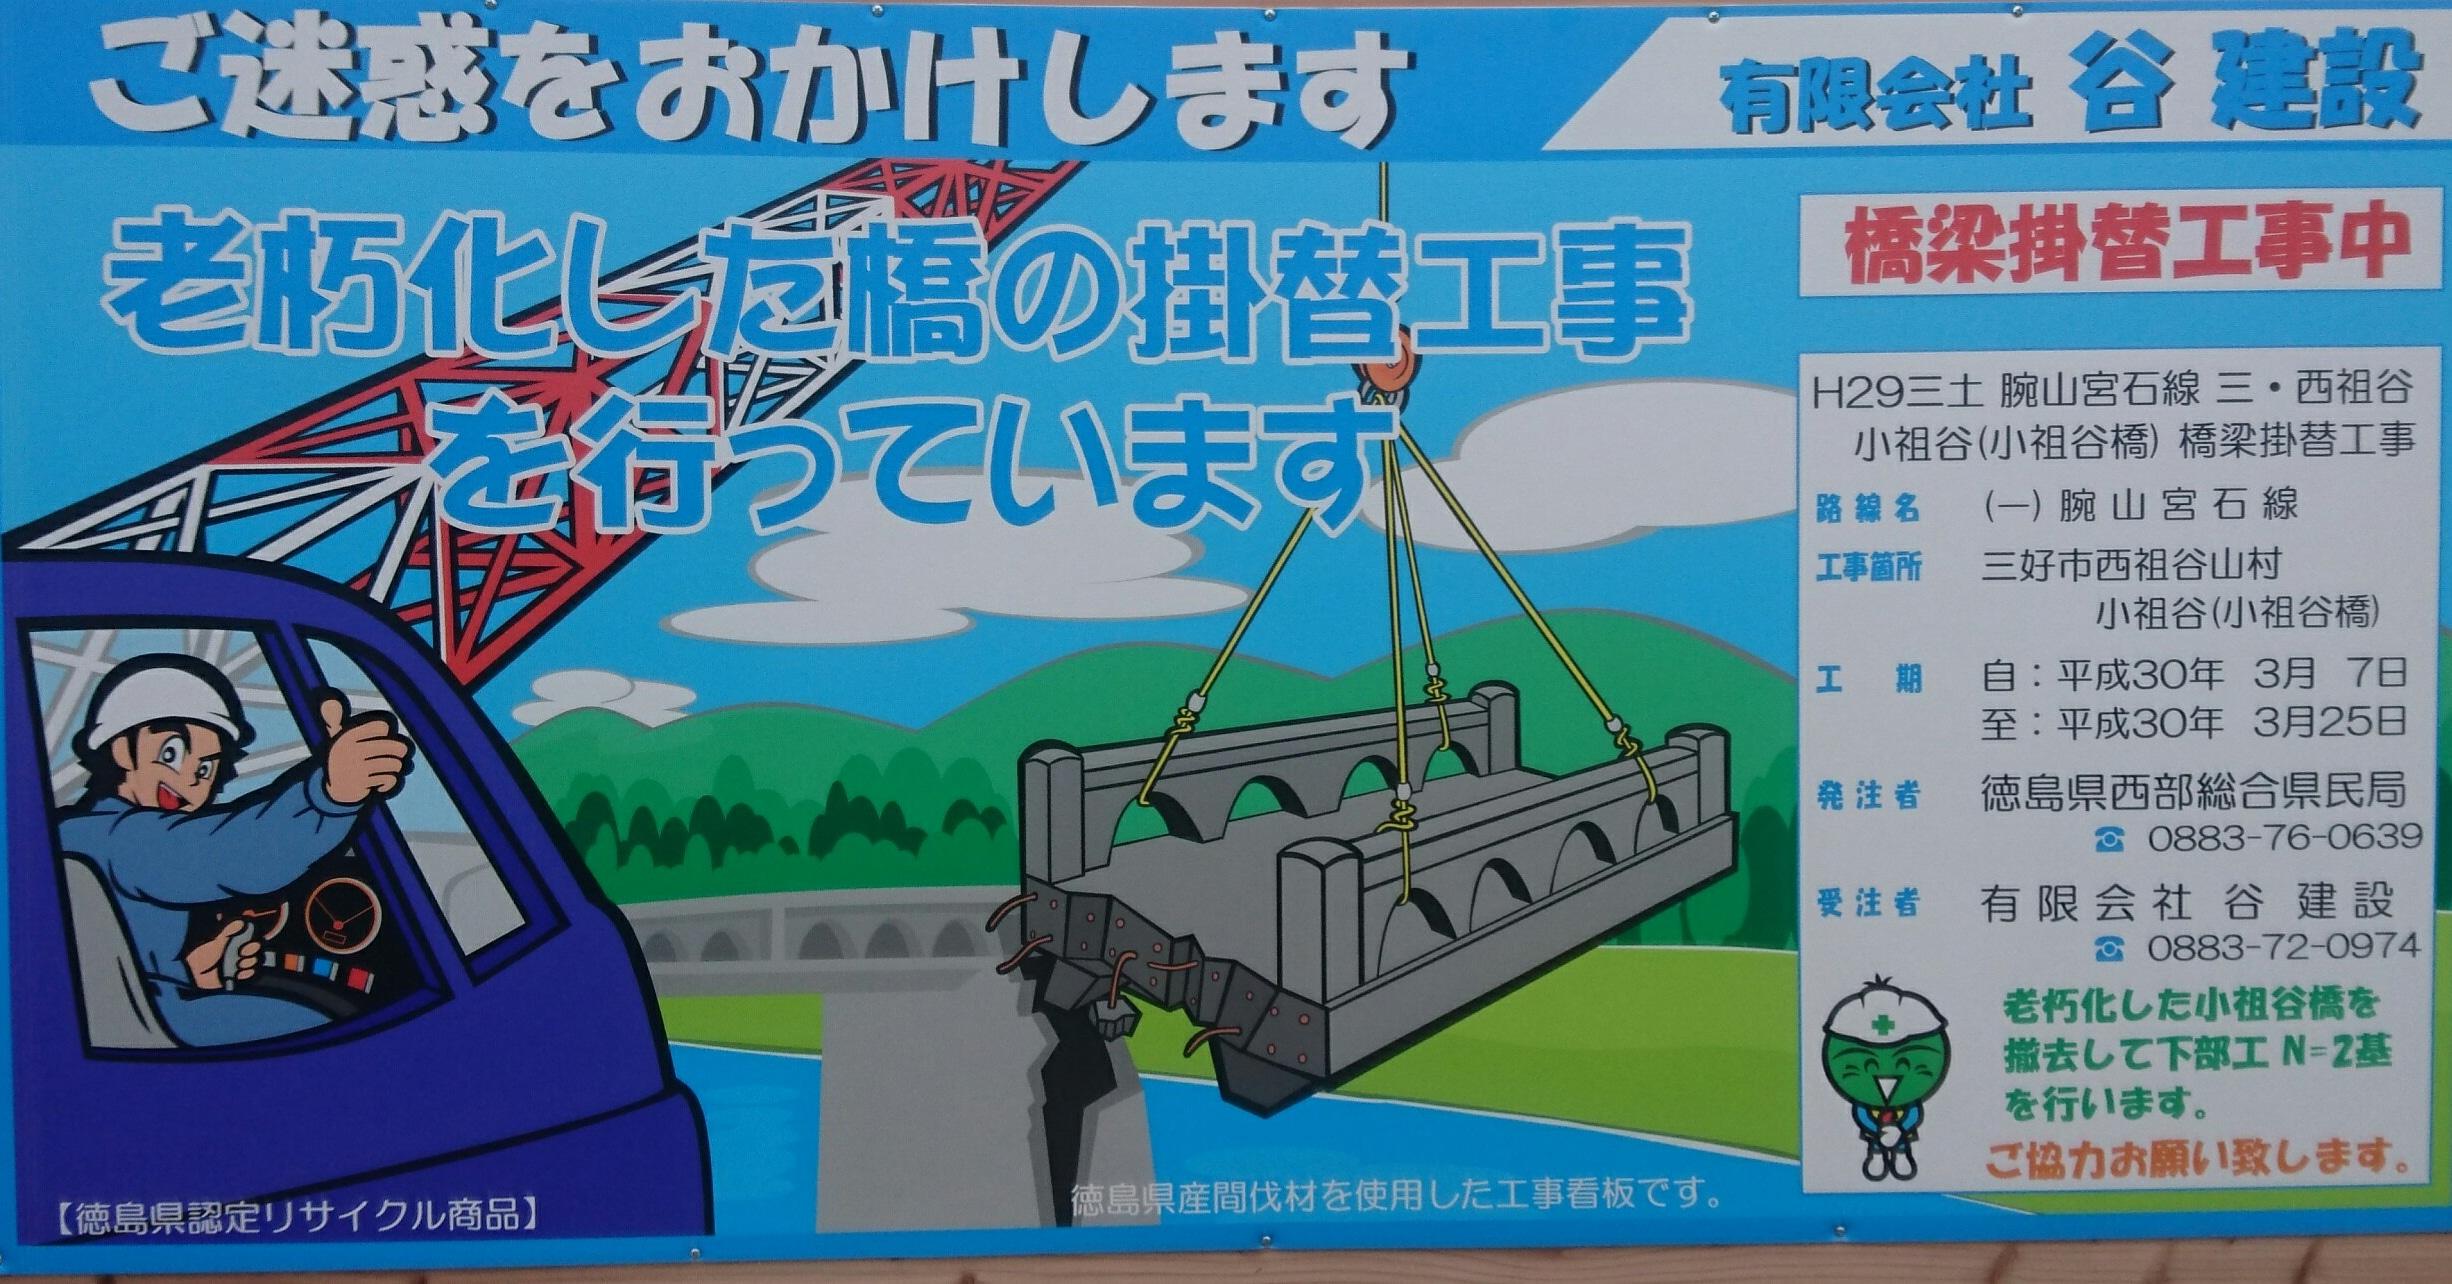 ㈲谷建設 橋の撤去工事